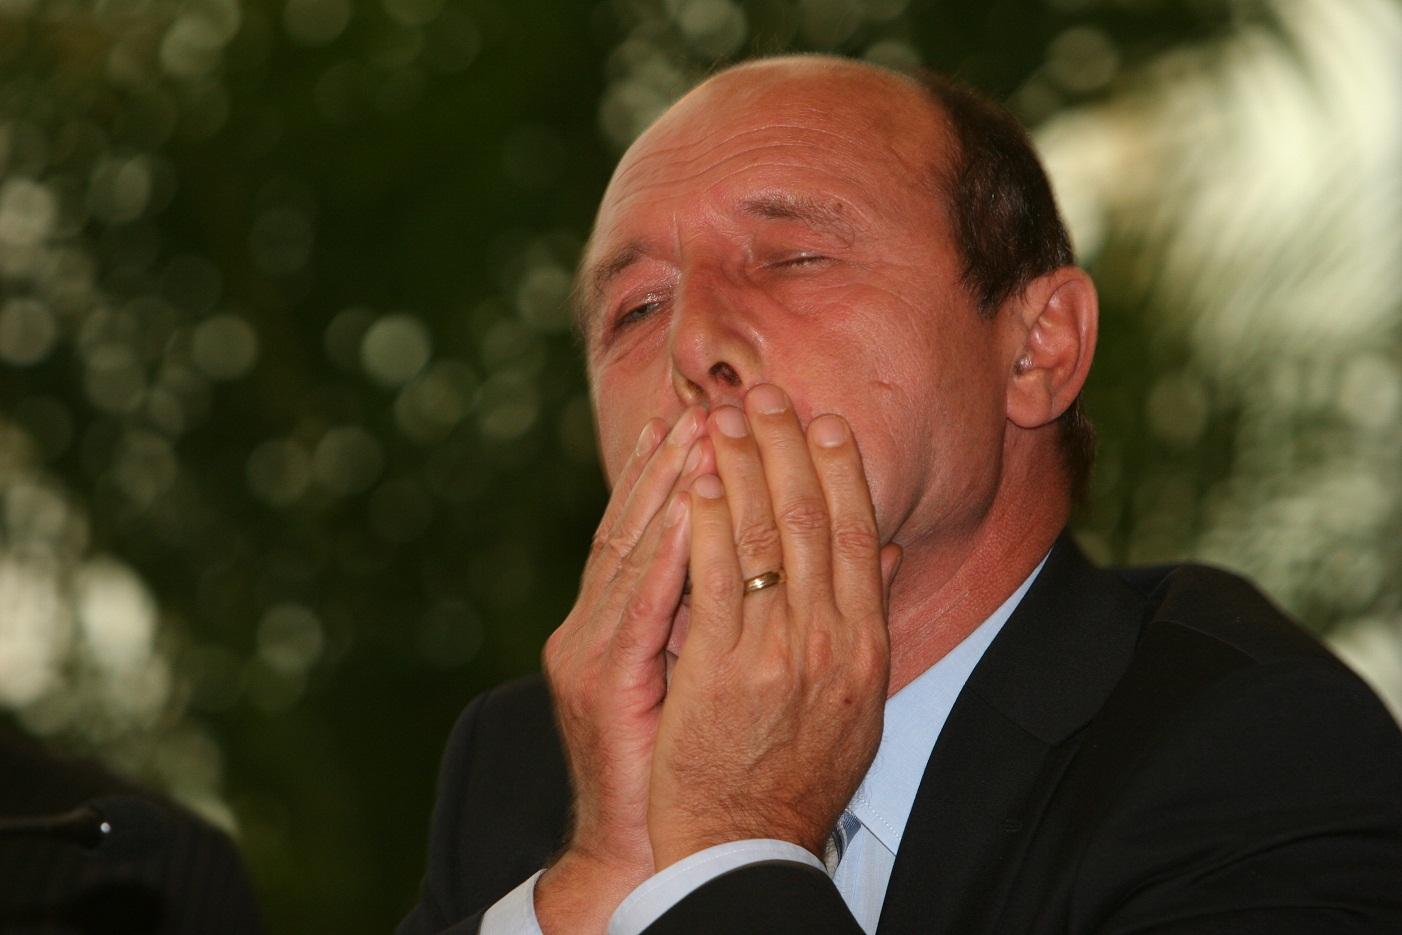 Pentru cine a creat Traian Basescu vidul legislativ de pe piata funciara? Cine pierde si cine are de castigat din respingerea legii vanzarii terenurilor?!